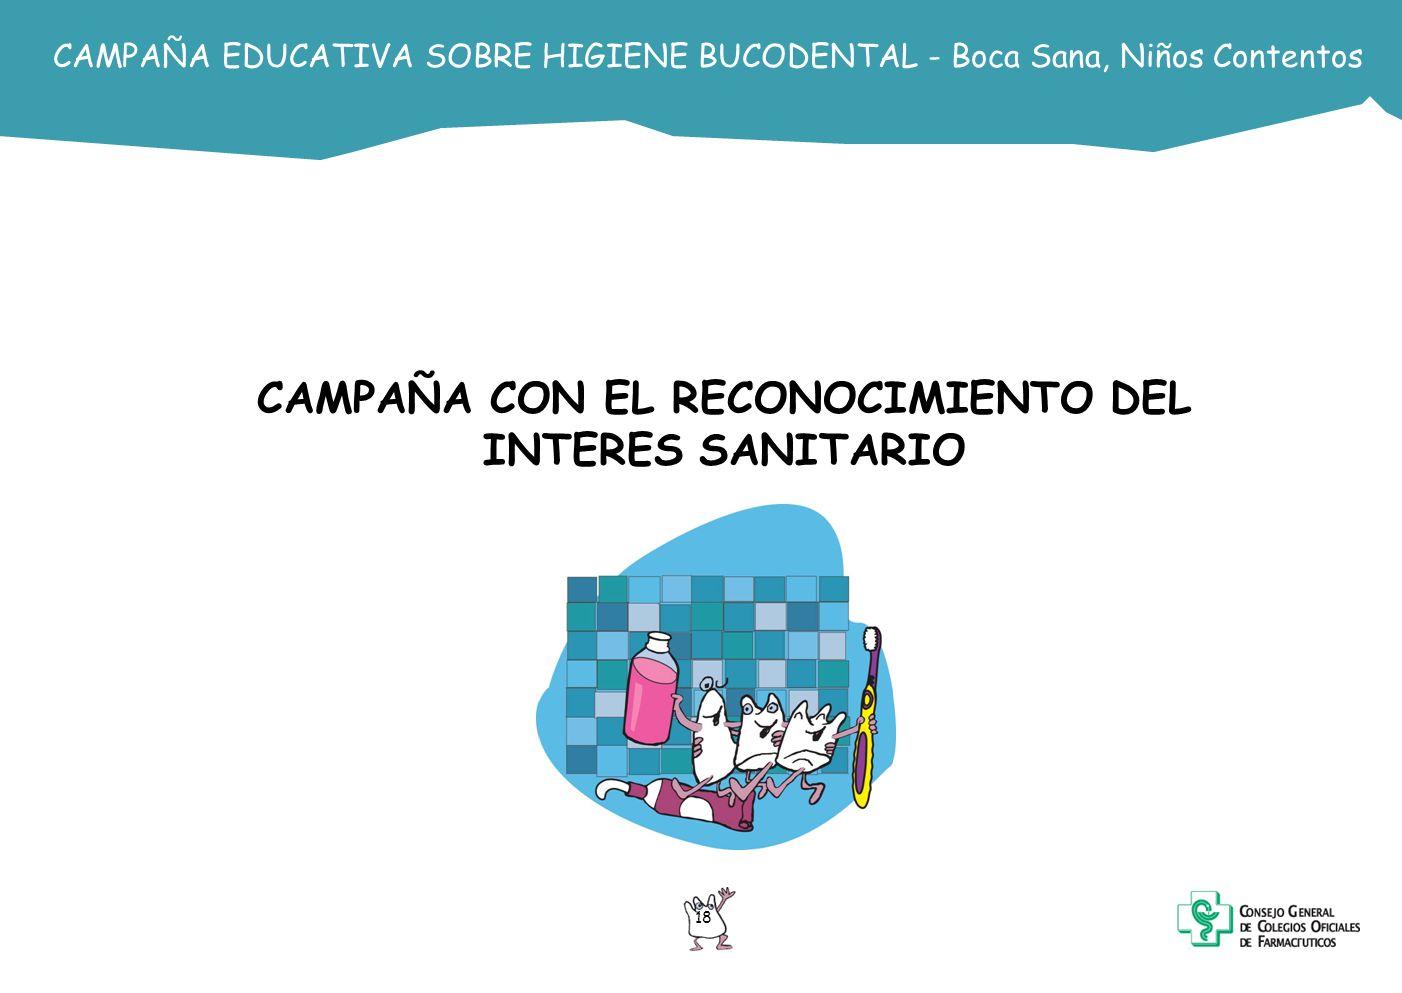 CAMPAÑA EDUCATIVA SOBRE HIGIENE BUCODENTAL - Boca Sana, Niños Contentos CAMPAÑA CON EL RECONOCIMIENTO DEL INTERES SANITARIO 18